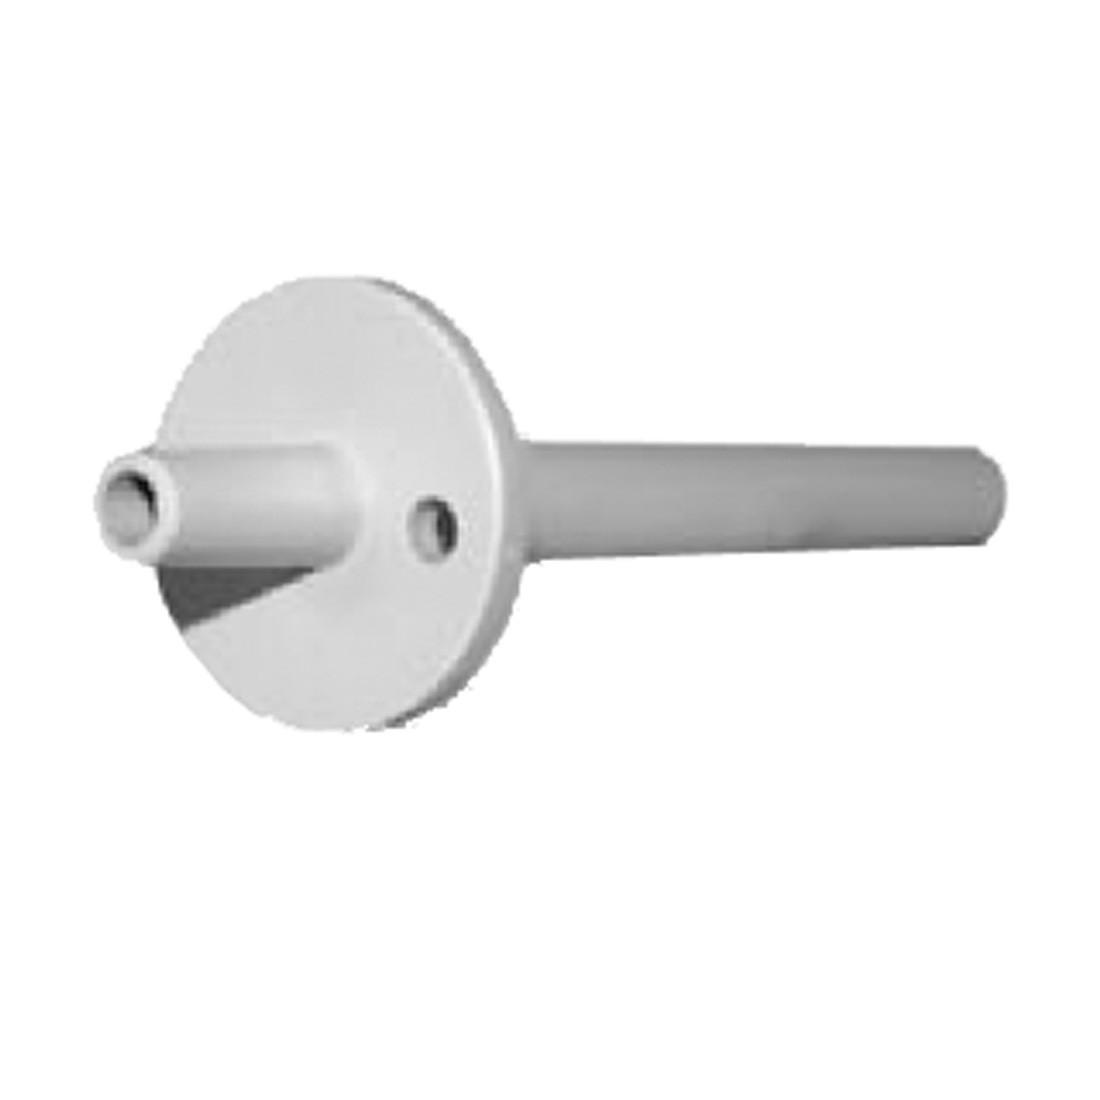 Druckstutzen Typ A-2 für Schlauch ID 5 mm